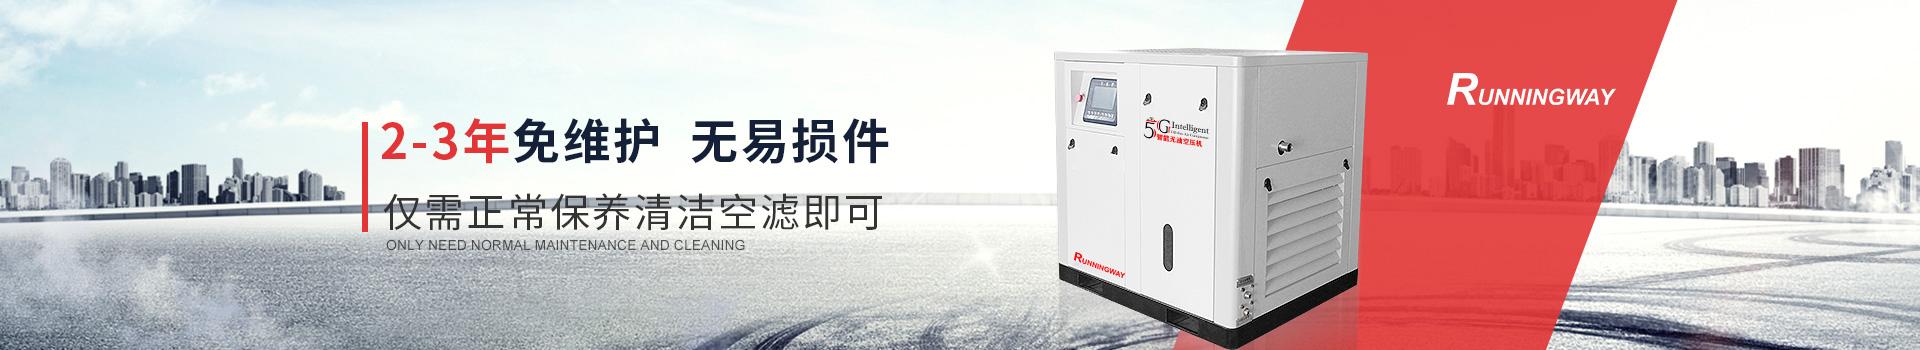 睿者无油水润空压机2-3年维护/无易损件